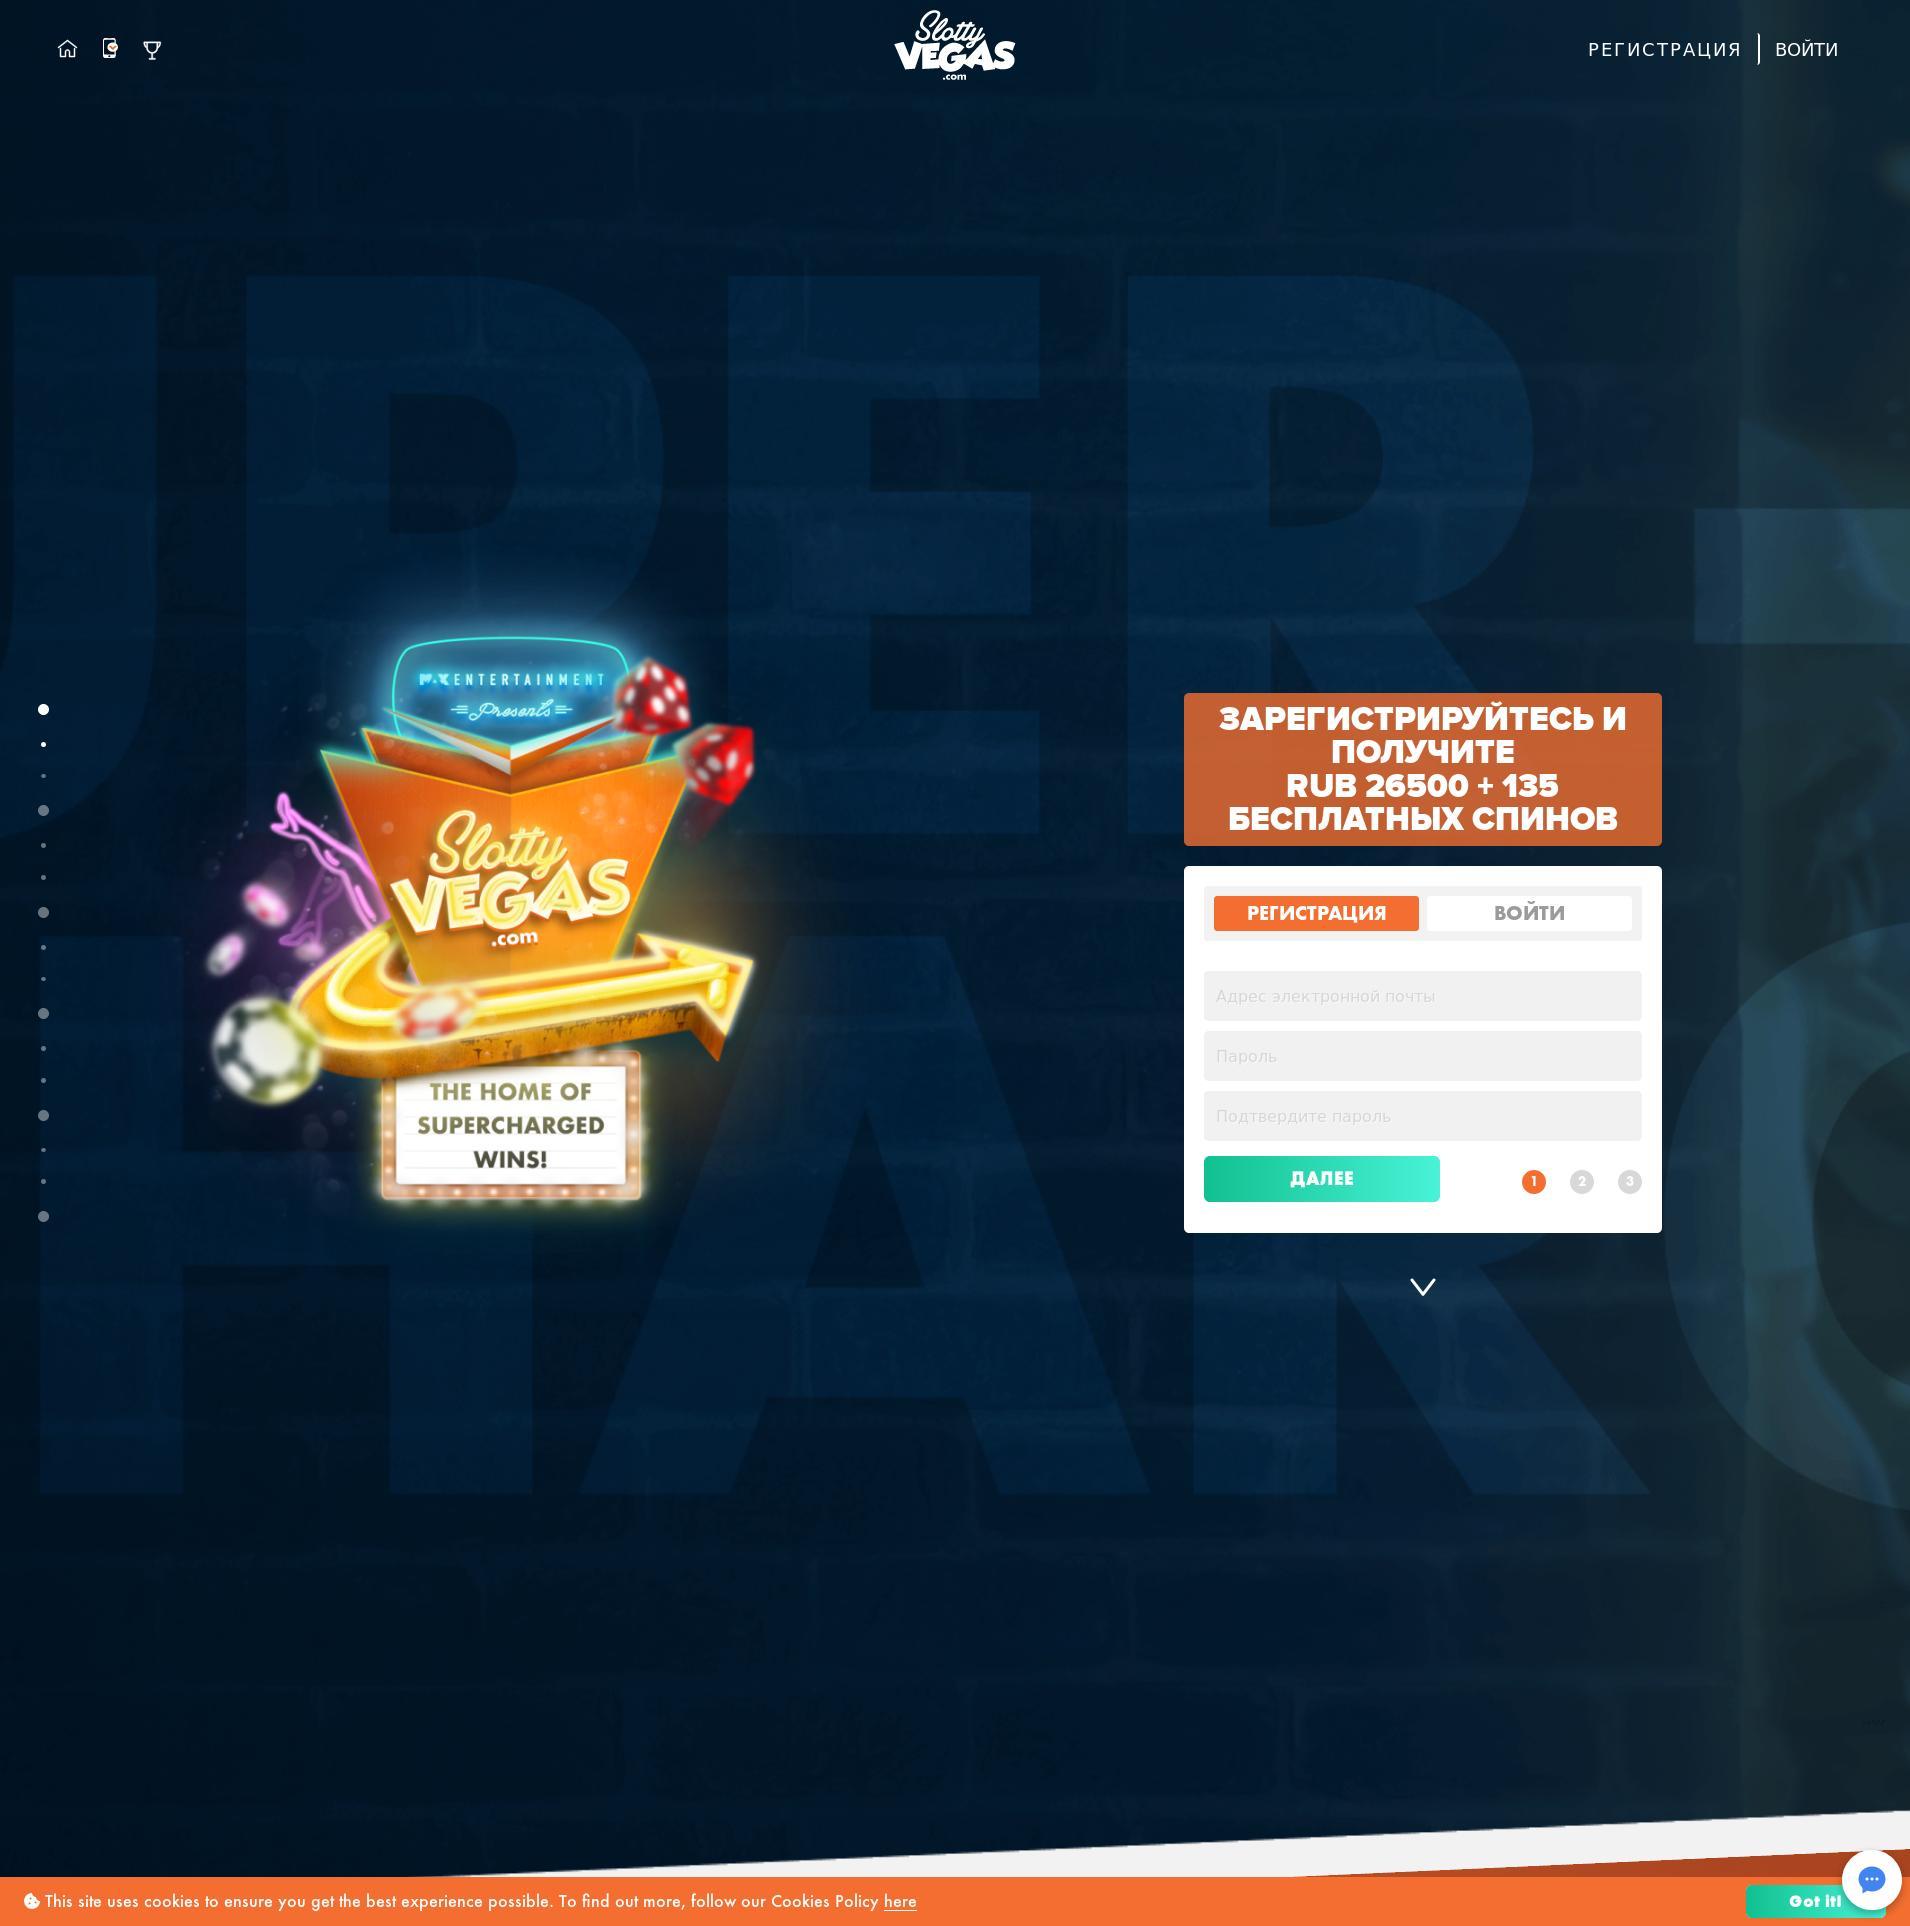 Casino screen Lobby 2019-08-21 for Ukraine